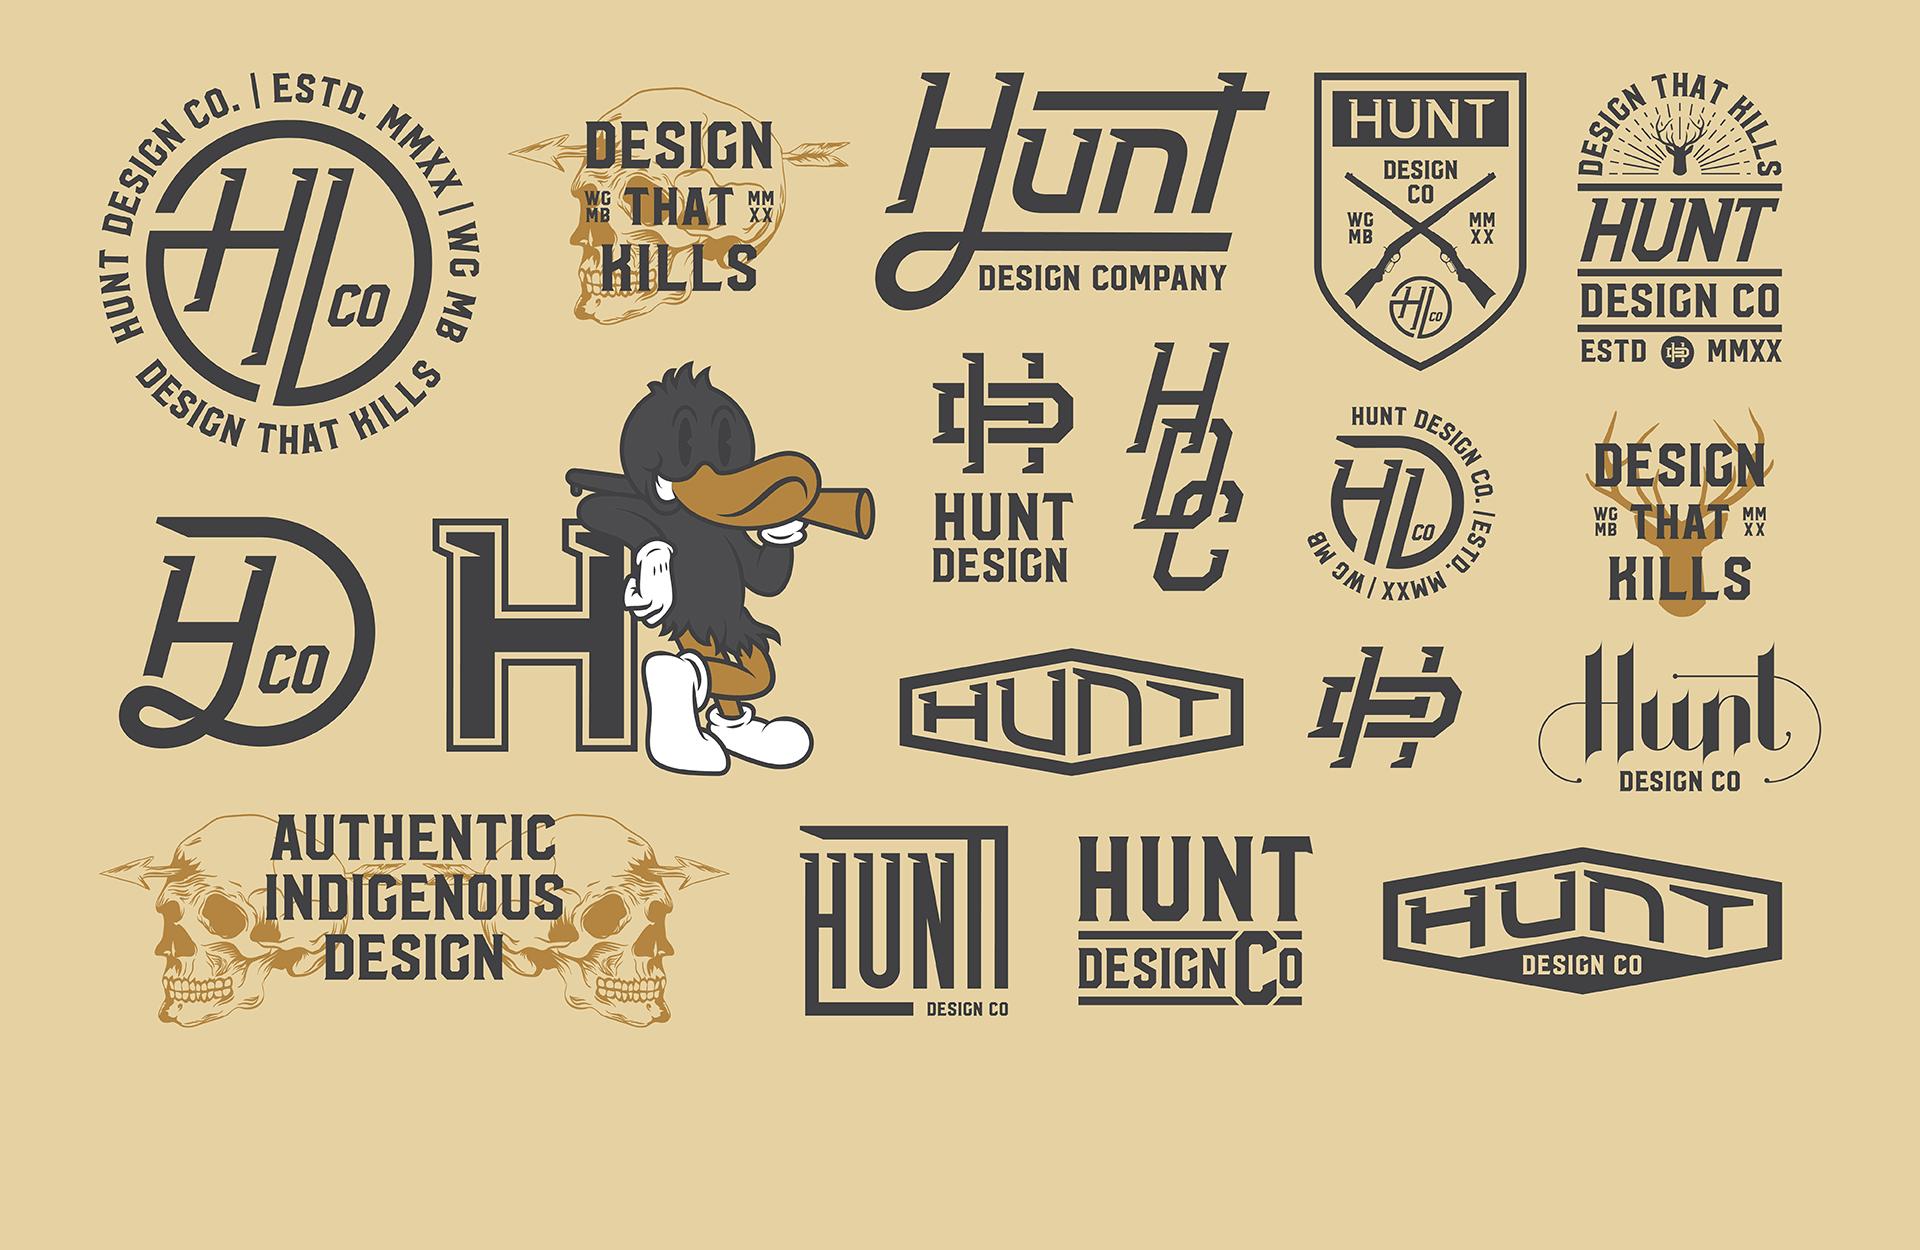 Hunt Design Co.   Logos, Badges, Brand Flash Sheet Design